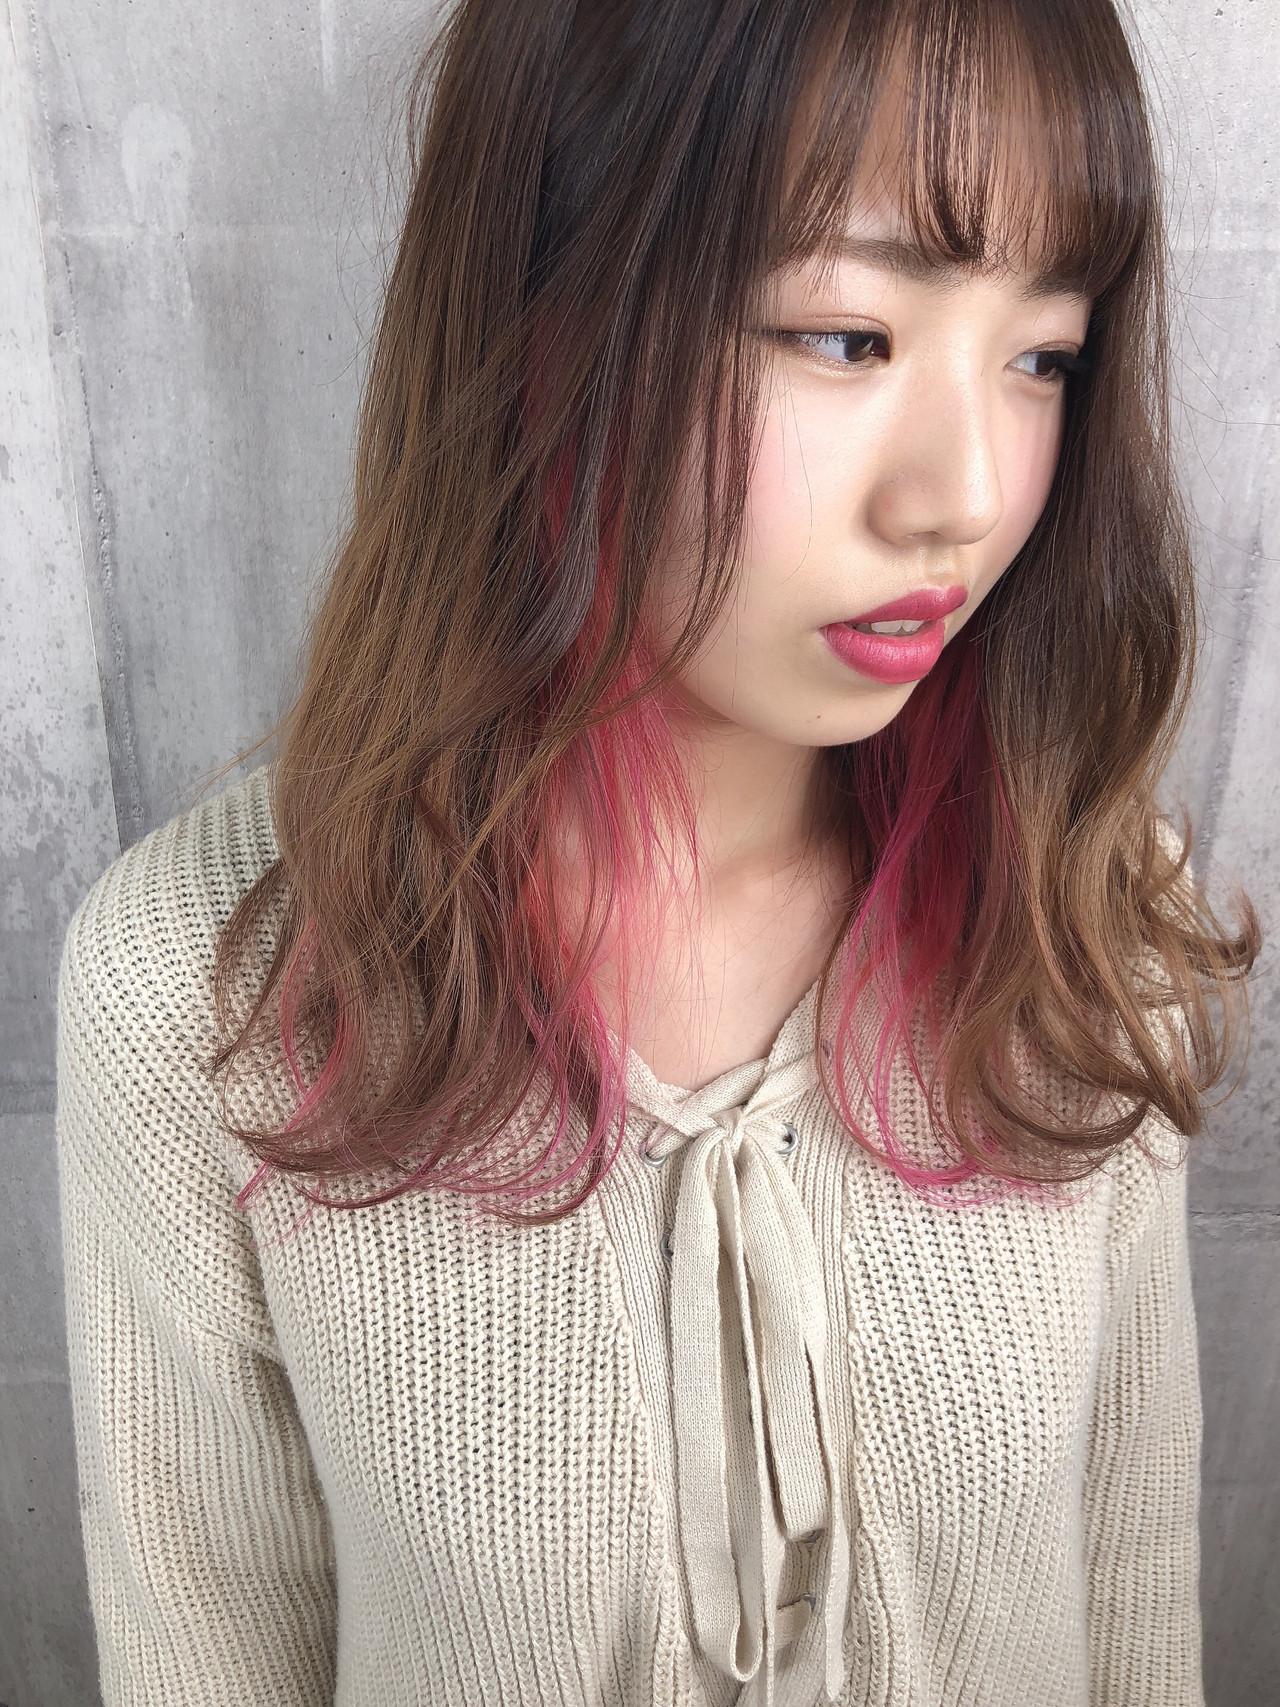 インナーに♡ピンクメッシュのおしゃれヘア 篠田 雅樹